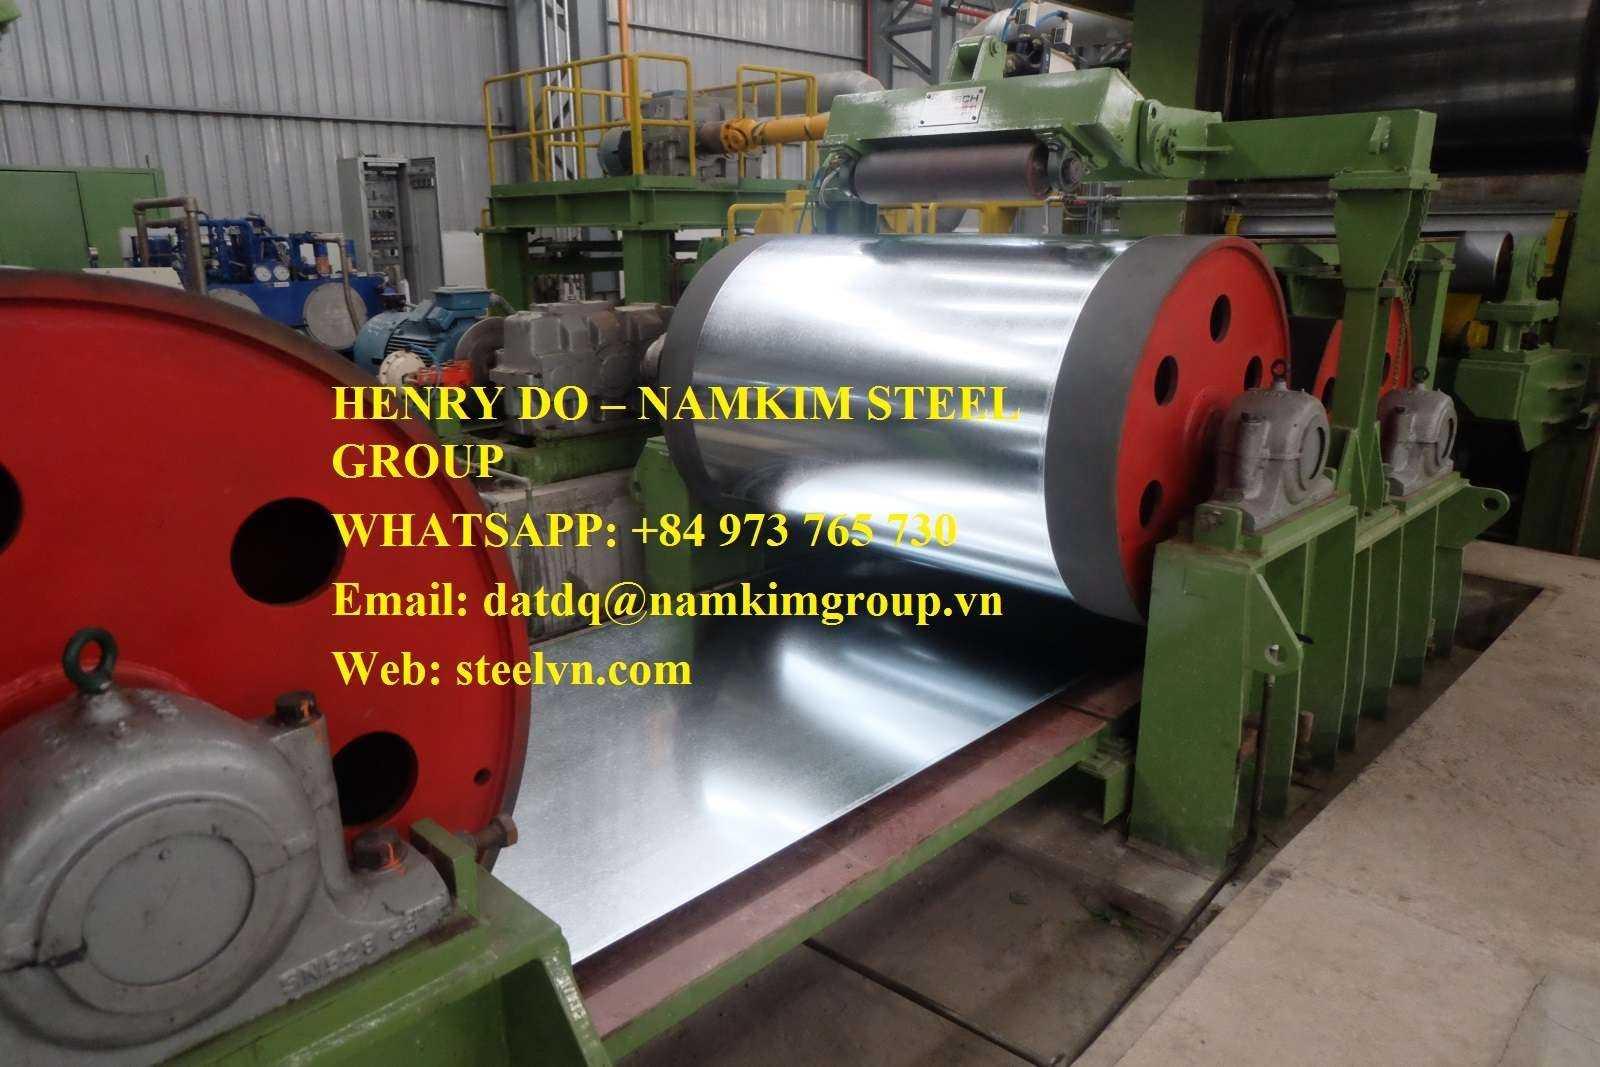 Nam Kim Steel Joint Stock Company - Ho Chi Minh, Vietnam